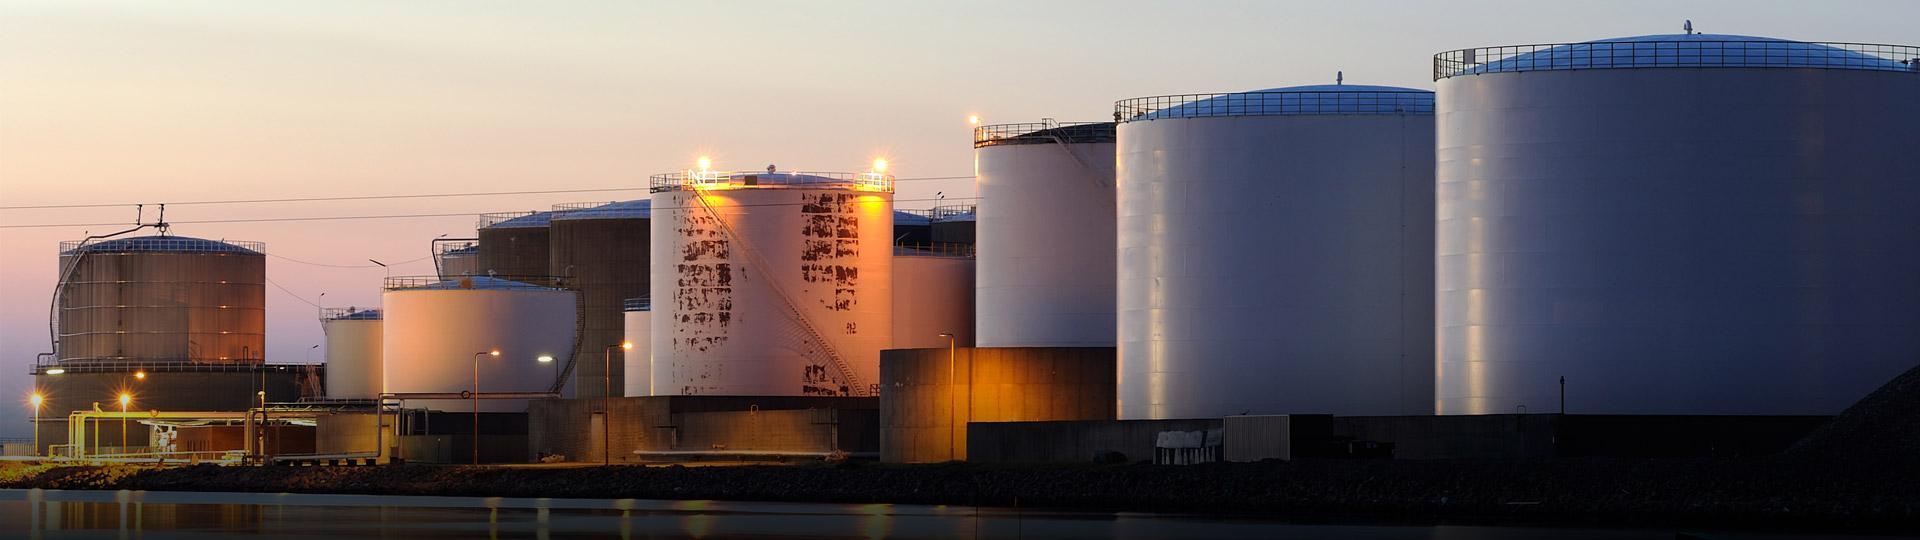 SETTORE ENERGETICO<br> La manutenzione e assistenza agli impianti industriali rappresenta il punto di forza della Dytech Service avendo maturato in questo campo una considerevole e specifica esperienza disponendo di tecnici qualificati.